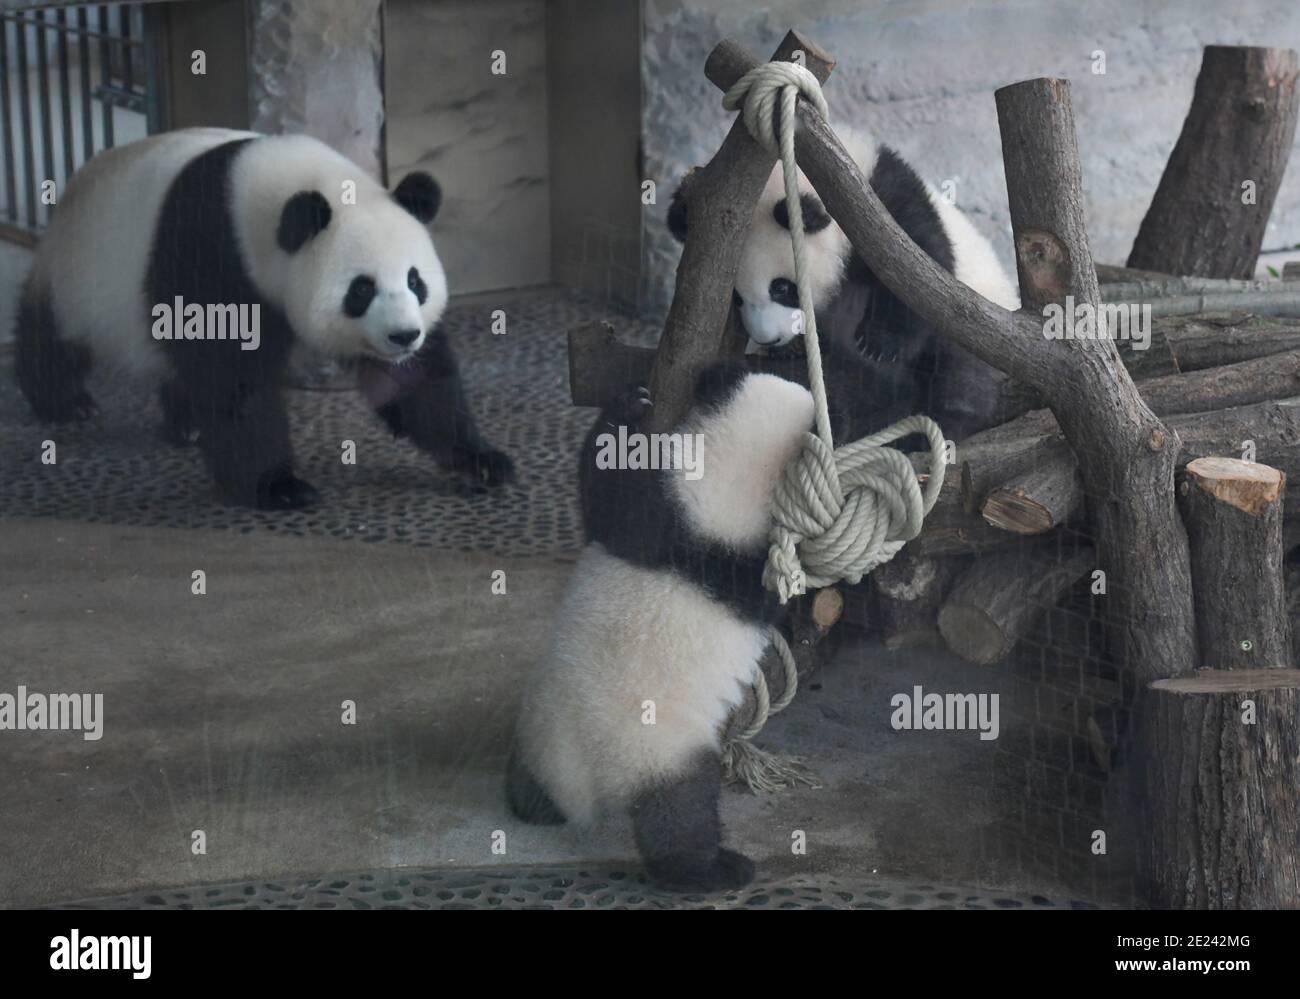 Berlin, 14.02.2020: Zwei Wochen nach dem Einzug der Pandas in ihr neues Gehege kehrt Normalität ein. Die Zwillinge Meng Xiang und Meng Yuan alias Pit Banque D'Images